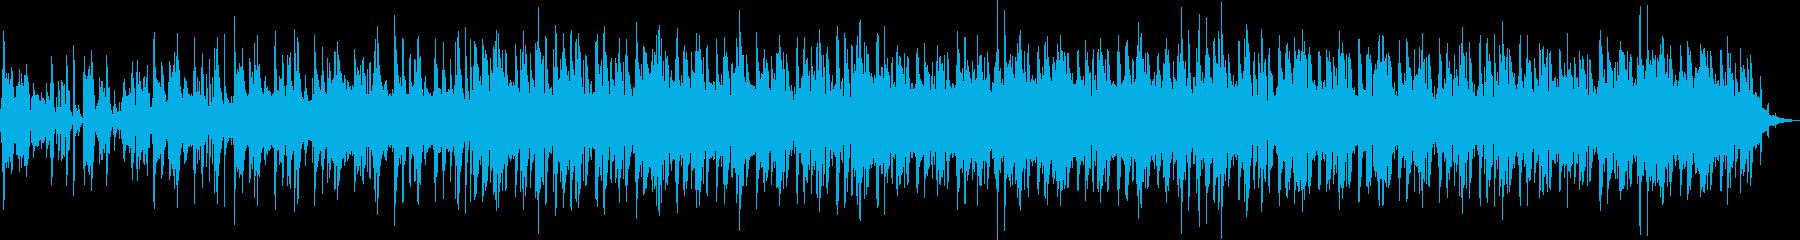 ゆるいアコギ、ラテンジャズの再生済みの波形